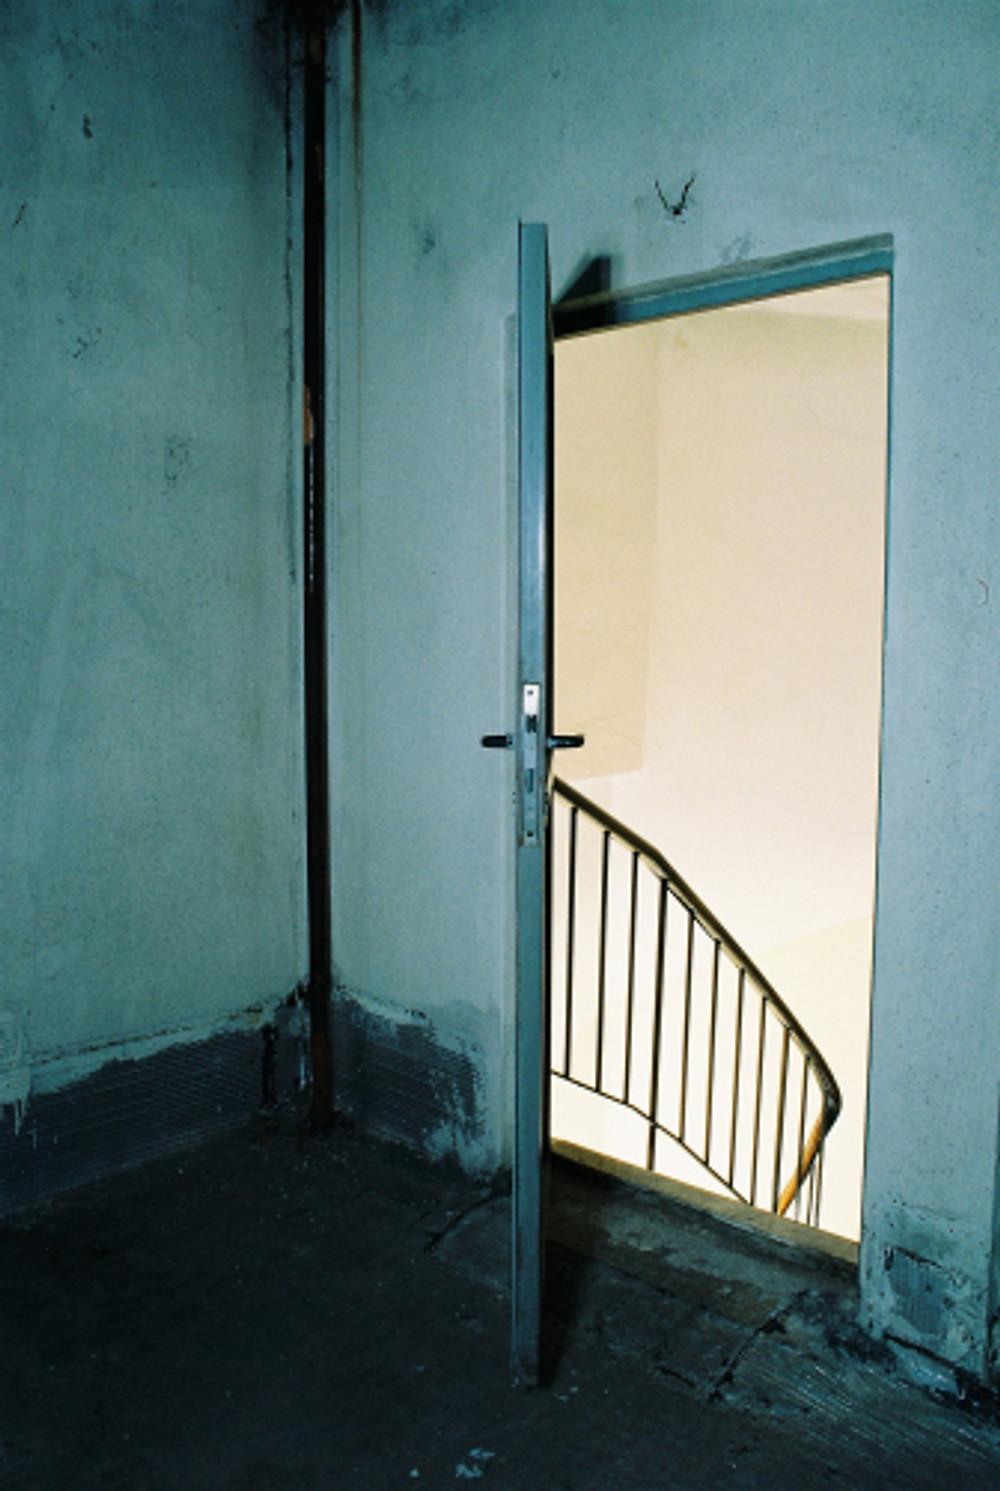 13.Πόρτα_35mm έγχωμο φιλμ_ 2018